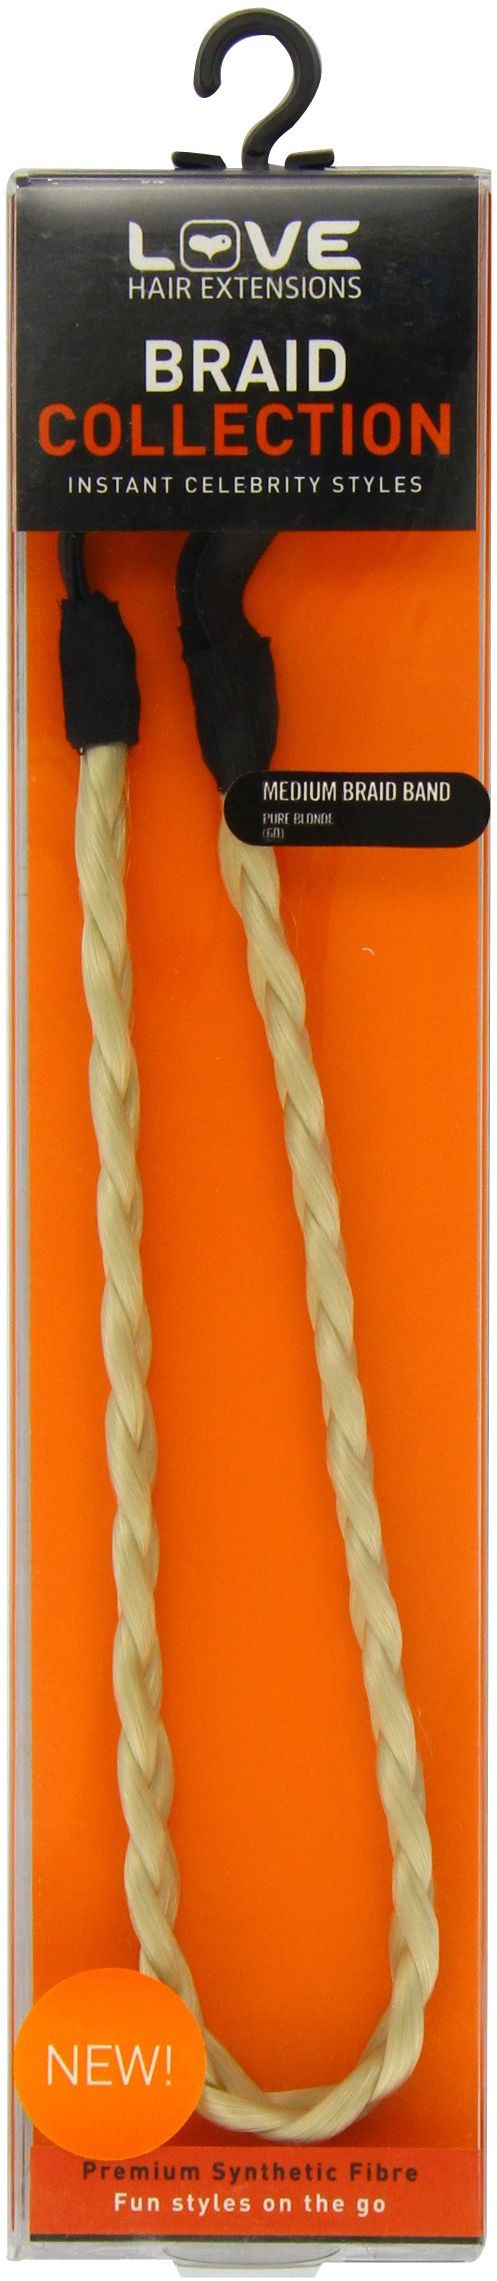 Love Hair Extensions średni warkocz (pleciona opaska na włosy) kolor 60 - przezroczysty blond, 1 opakowanie (1 x 1 sztuka)